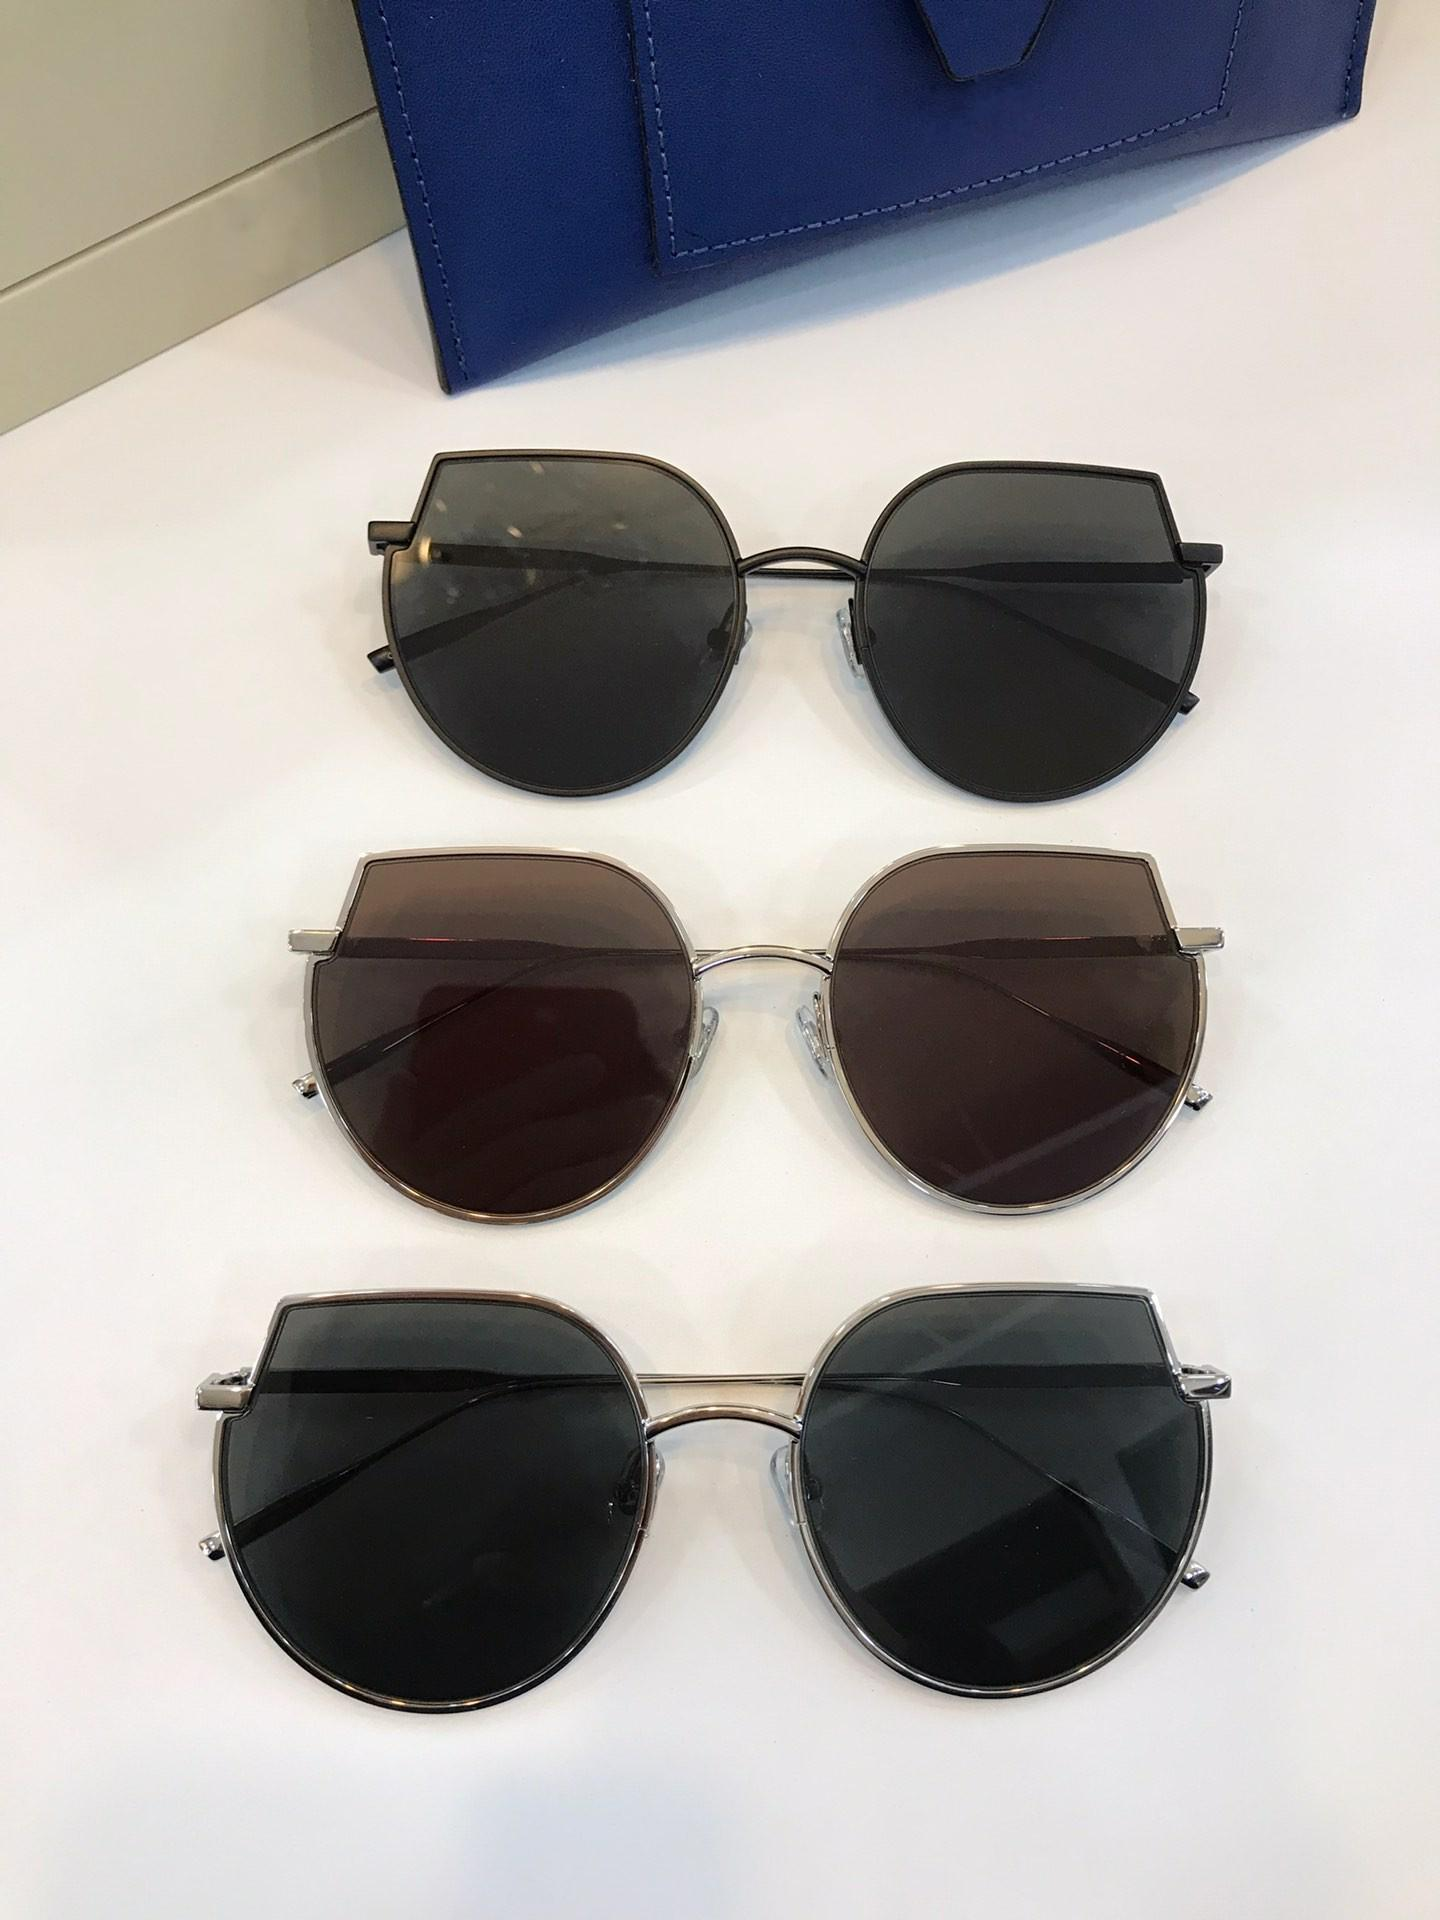 дизайнерские солнцезащитные очки для мужчин роскошных солнцезащитных очков для женщин мужчин солнцезащитных очков женщин мужского бренда дизайнерских очков мужских солнцезащитных очки, óculos ELFCLIFF 11